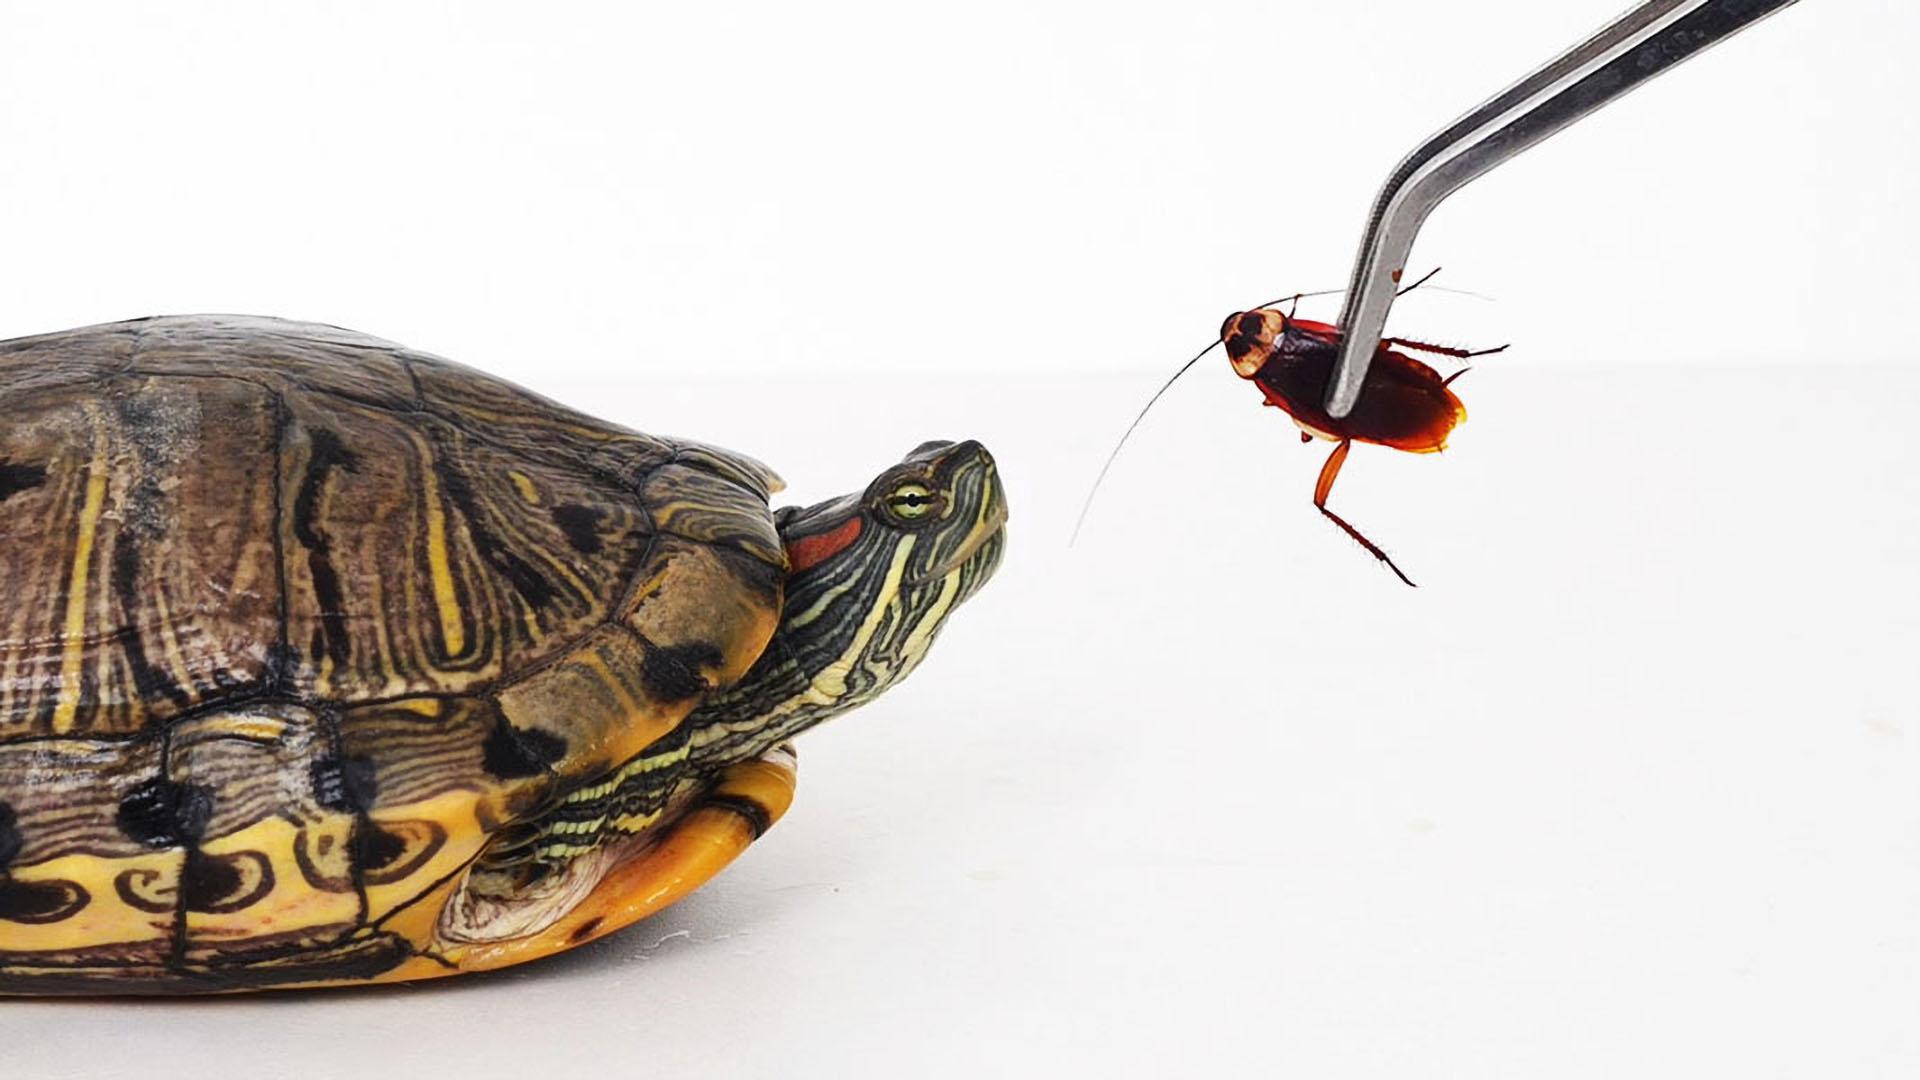 把蟑螂喂给巴西龟,直接被碎尸万段,太惨了!